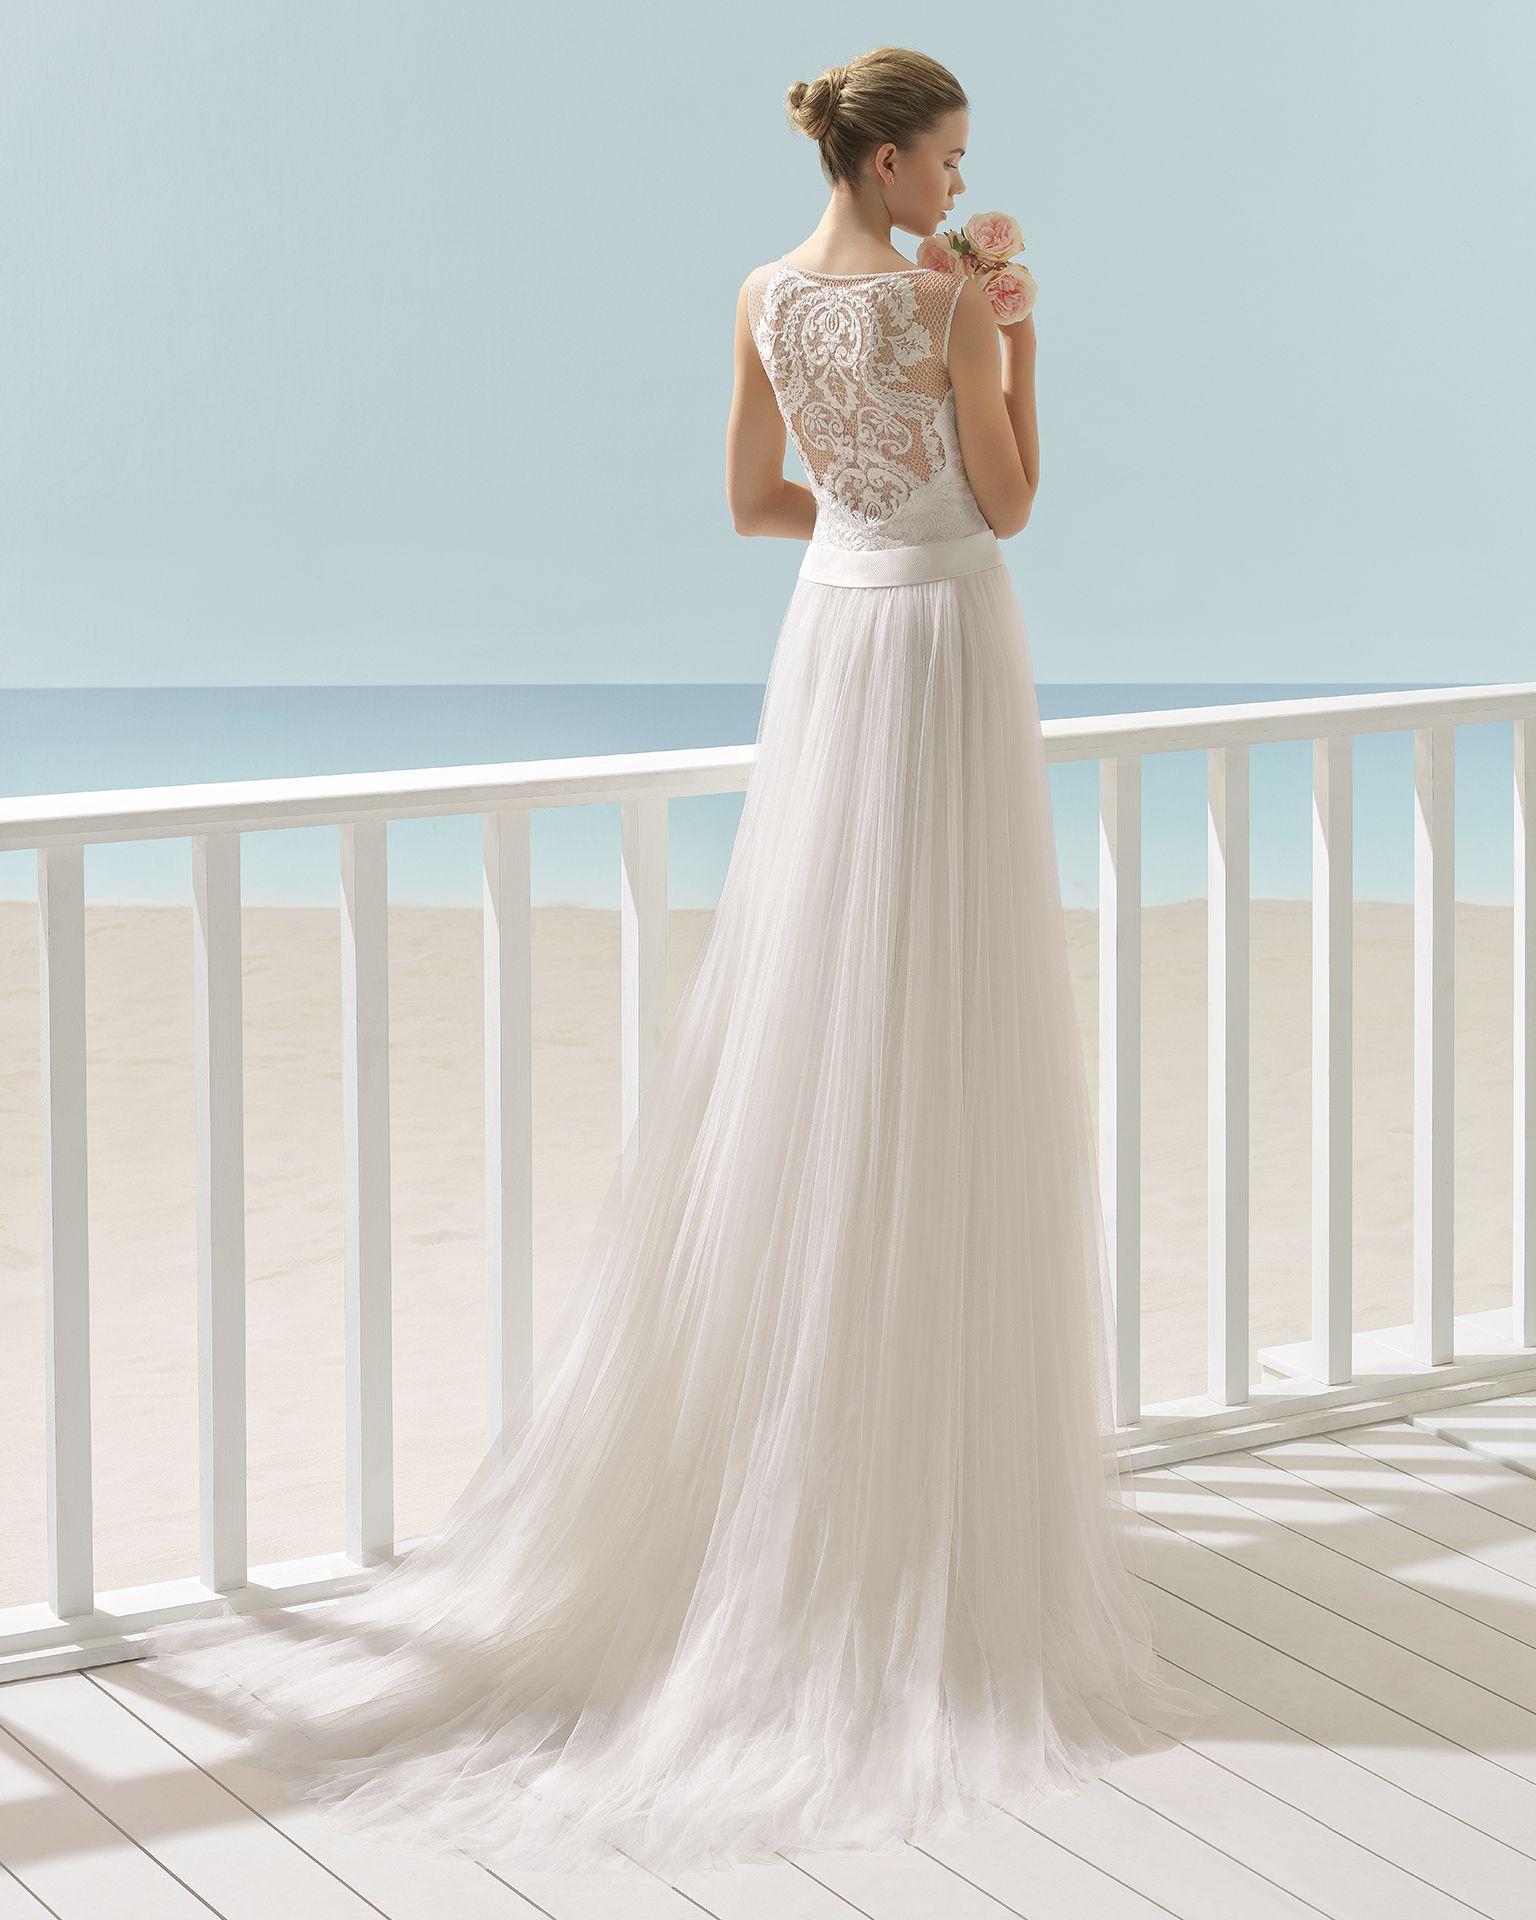 Charming Vestidos Novias Barcelona Photos - Wedding Ideas ...